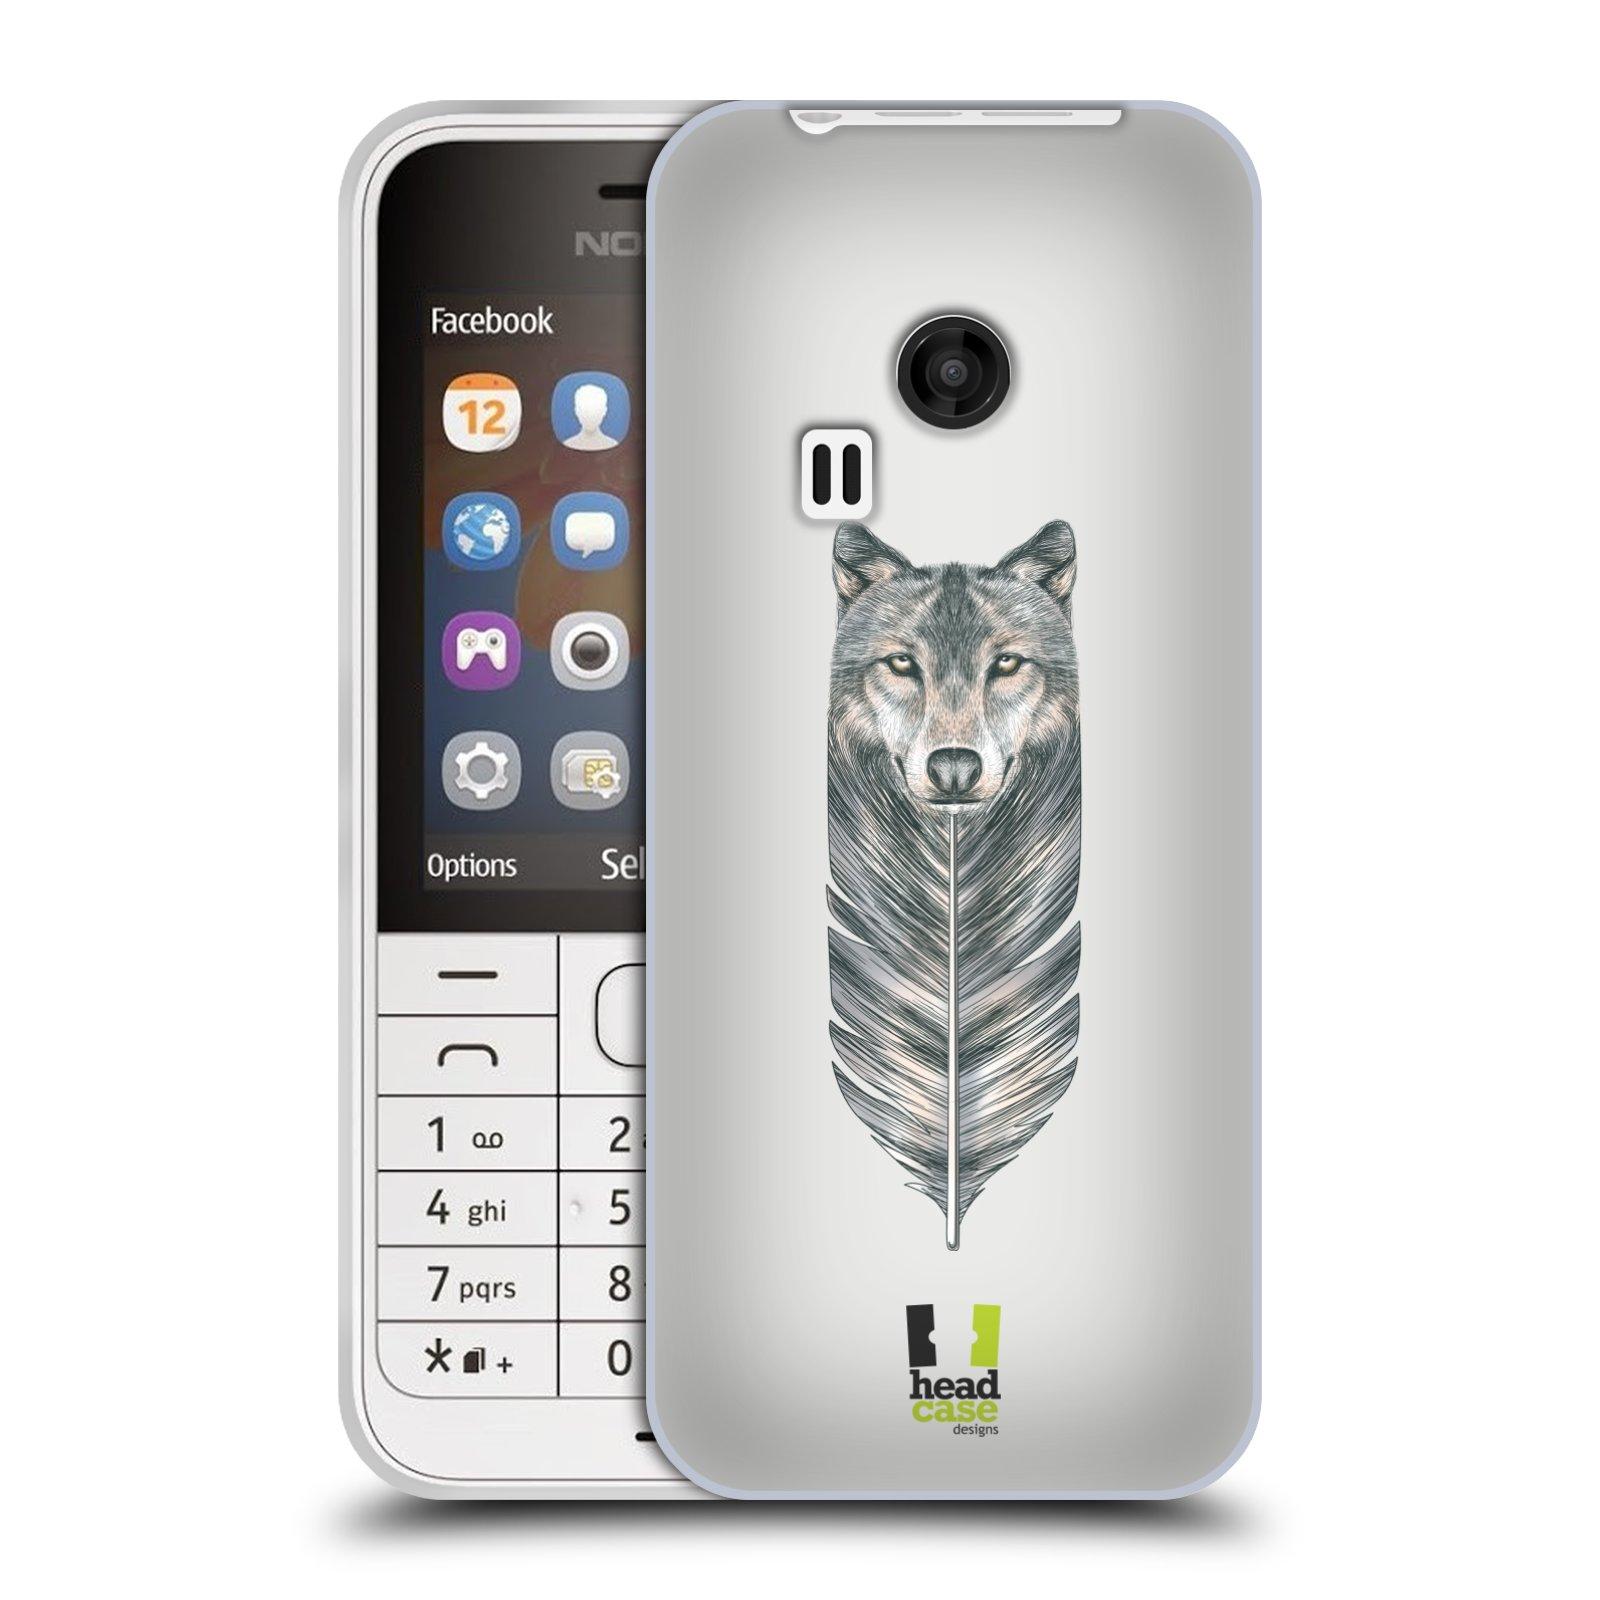 HEAD CASE silikonový obal na mobil NOKIA 220 / NOKIA 220 DUAL SIM vzor zvířecí pírka vlk